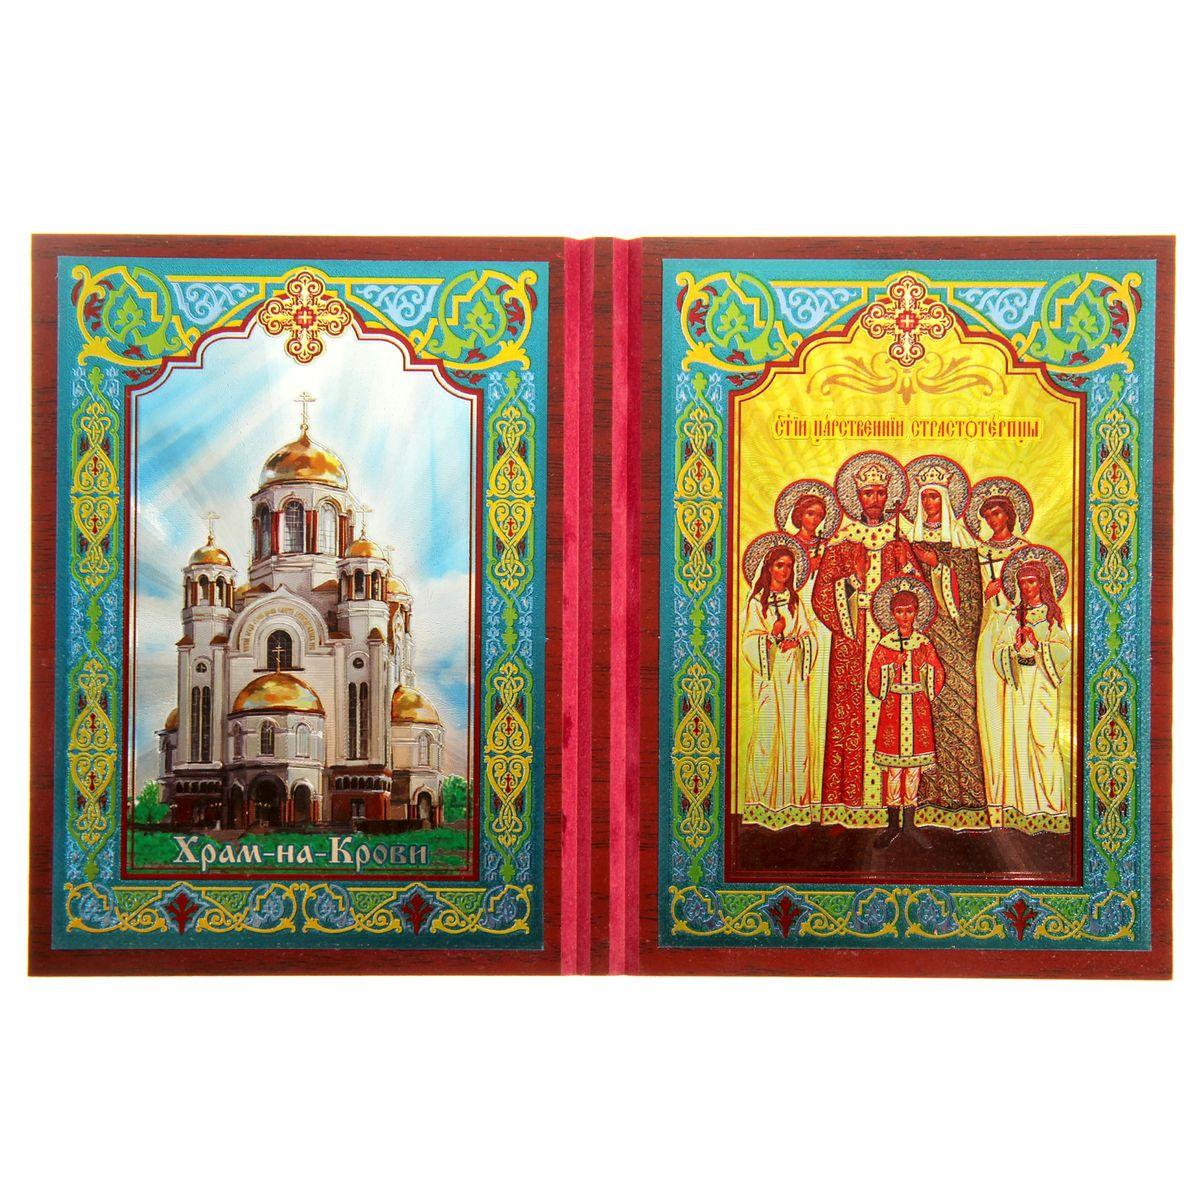 Складень-икона Sima-land Храм-на-Крови - Святые Царственные Страстотерпцы, 2 штFS-80418Складень-икона Sima-land Храм-на-Крови - Святые Царственные Страстотерпцы - это икона на деревянной основе, выполненная в виде двух складывающихся створок.Внутри расположены две прямоугольные иконы с изображением святых. Такая икона будет прекрасным подарком с духовной составляющей. Размер (в сложенном виде): 11 см х 14 см х 1 см. Размер иконы: 9 см х 13 см.